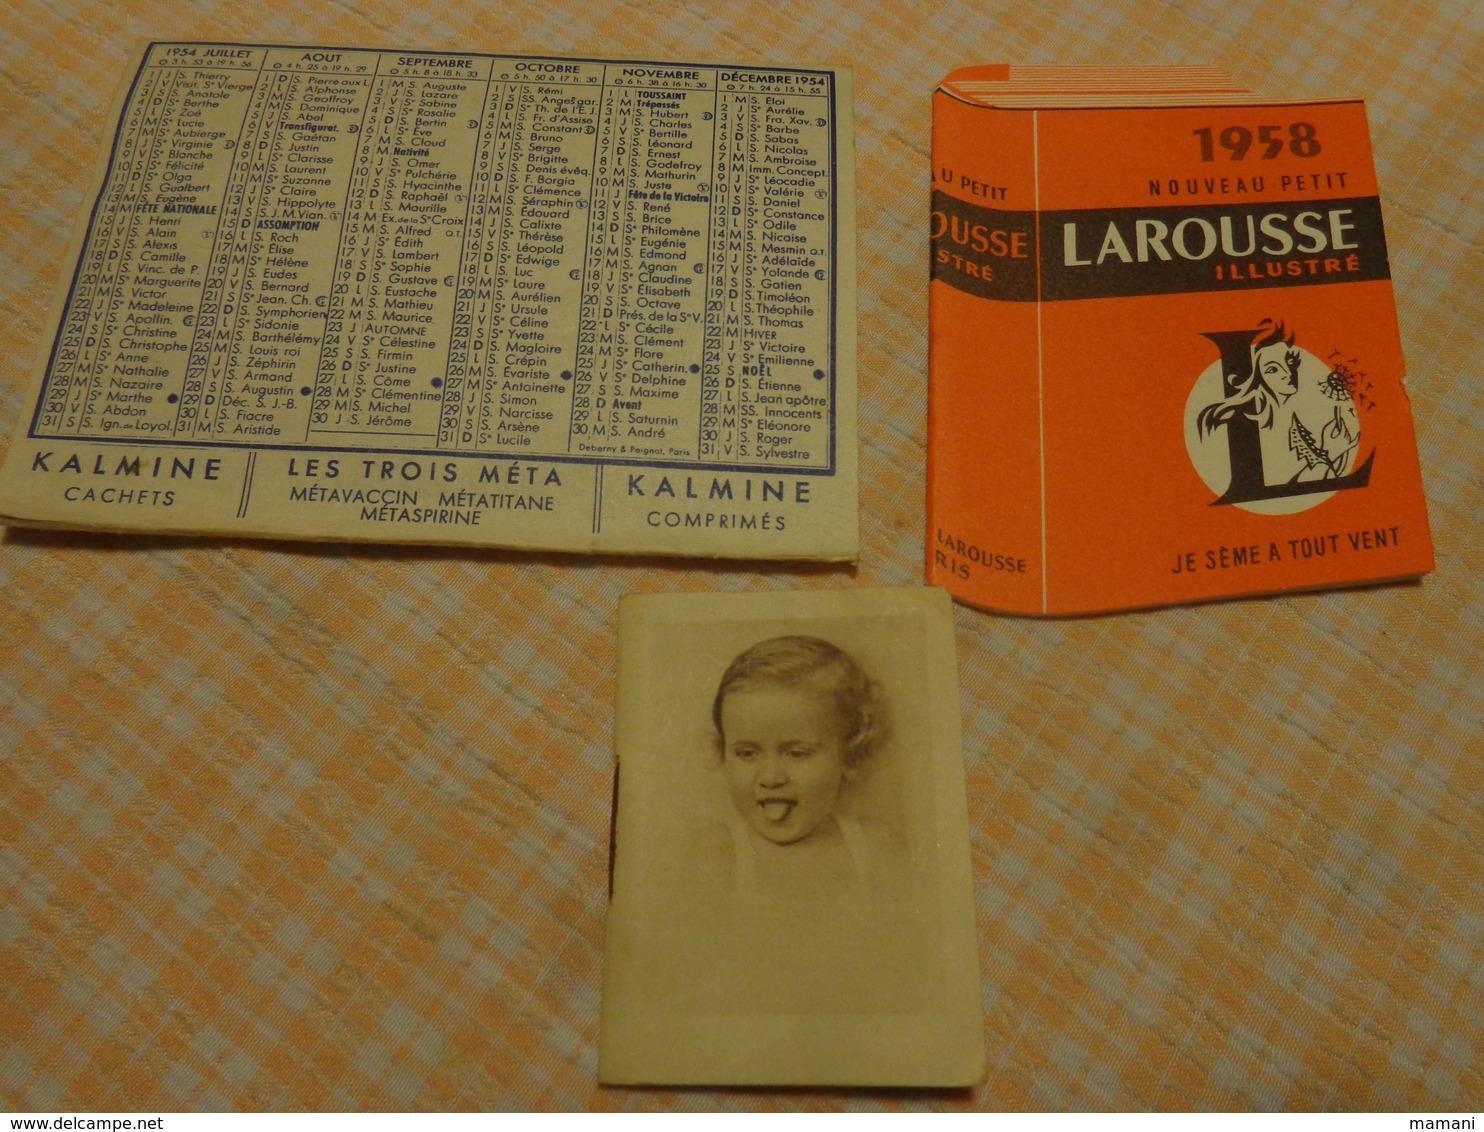 Lot De Petits Calendriers Publicite 1954-1950-1958-larousse-le Fouille Rochefort-laboratoire Paul Metadier - Calendriers